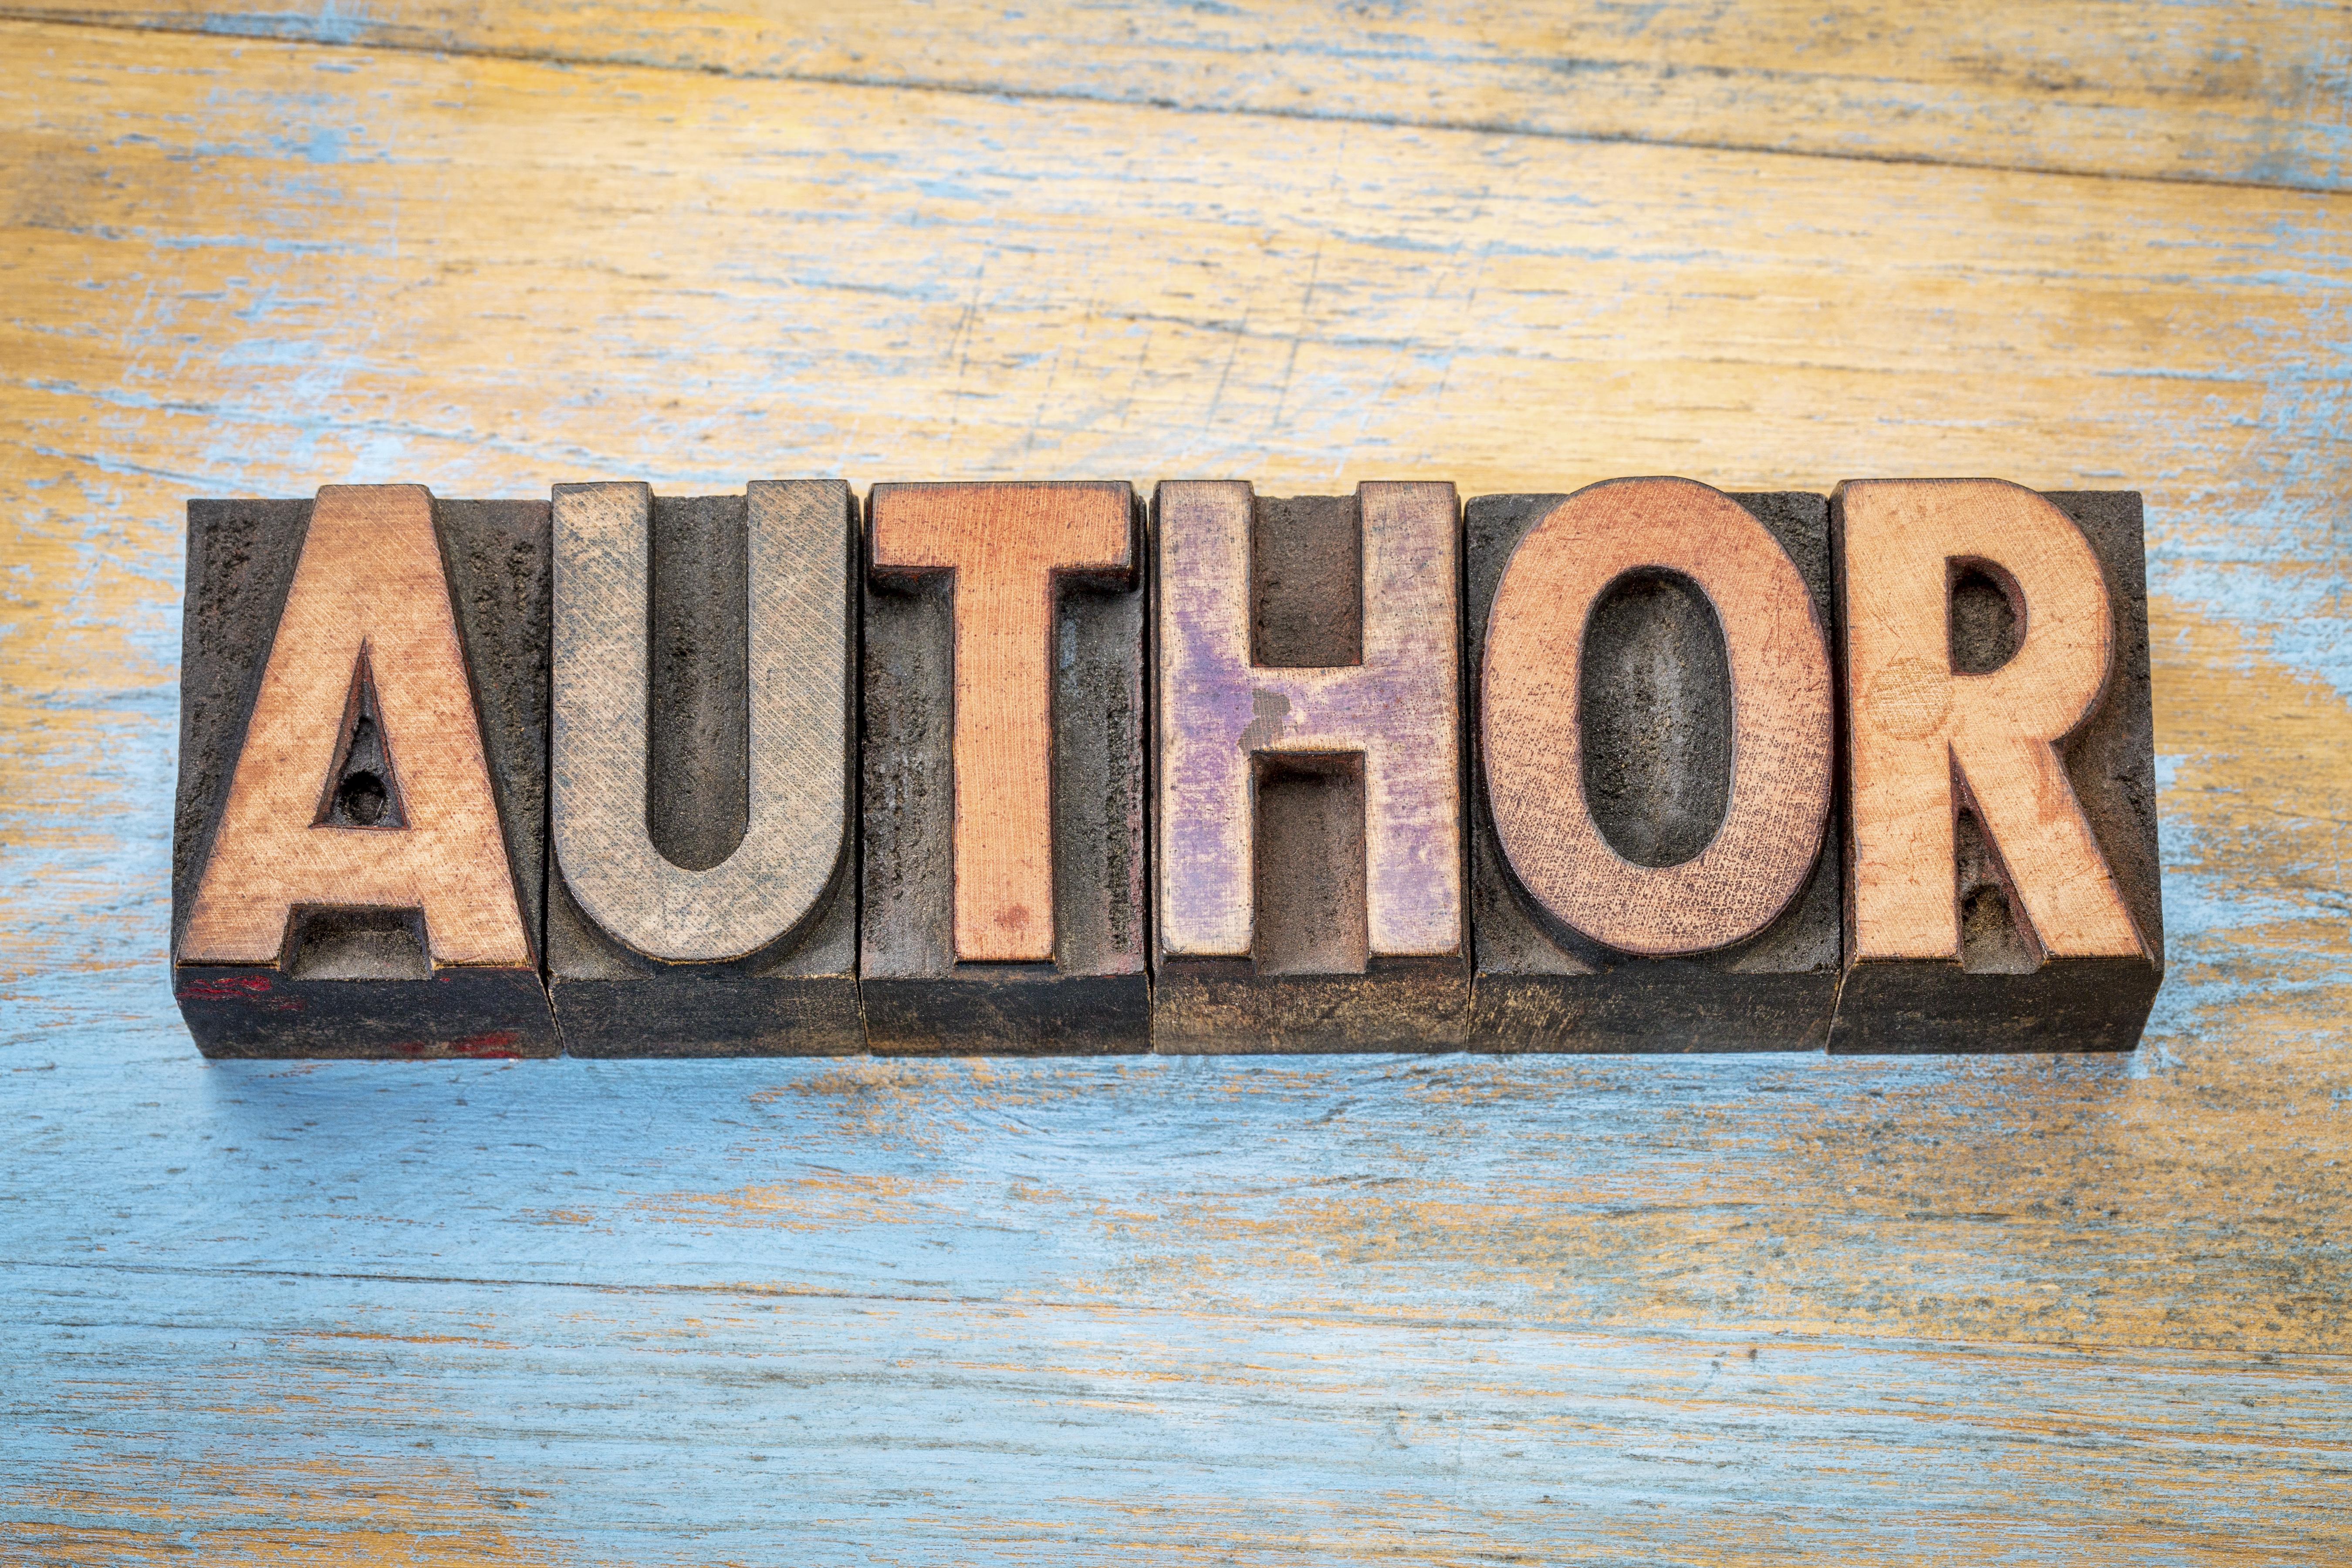 author name on blocks image.jpeg